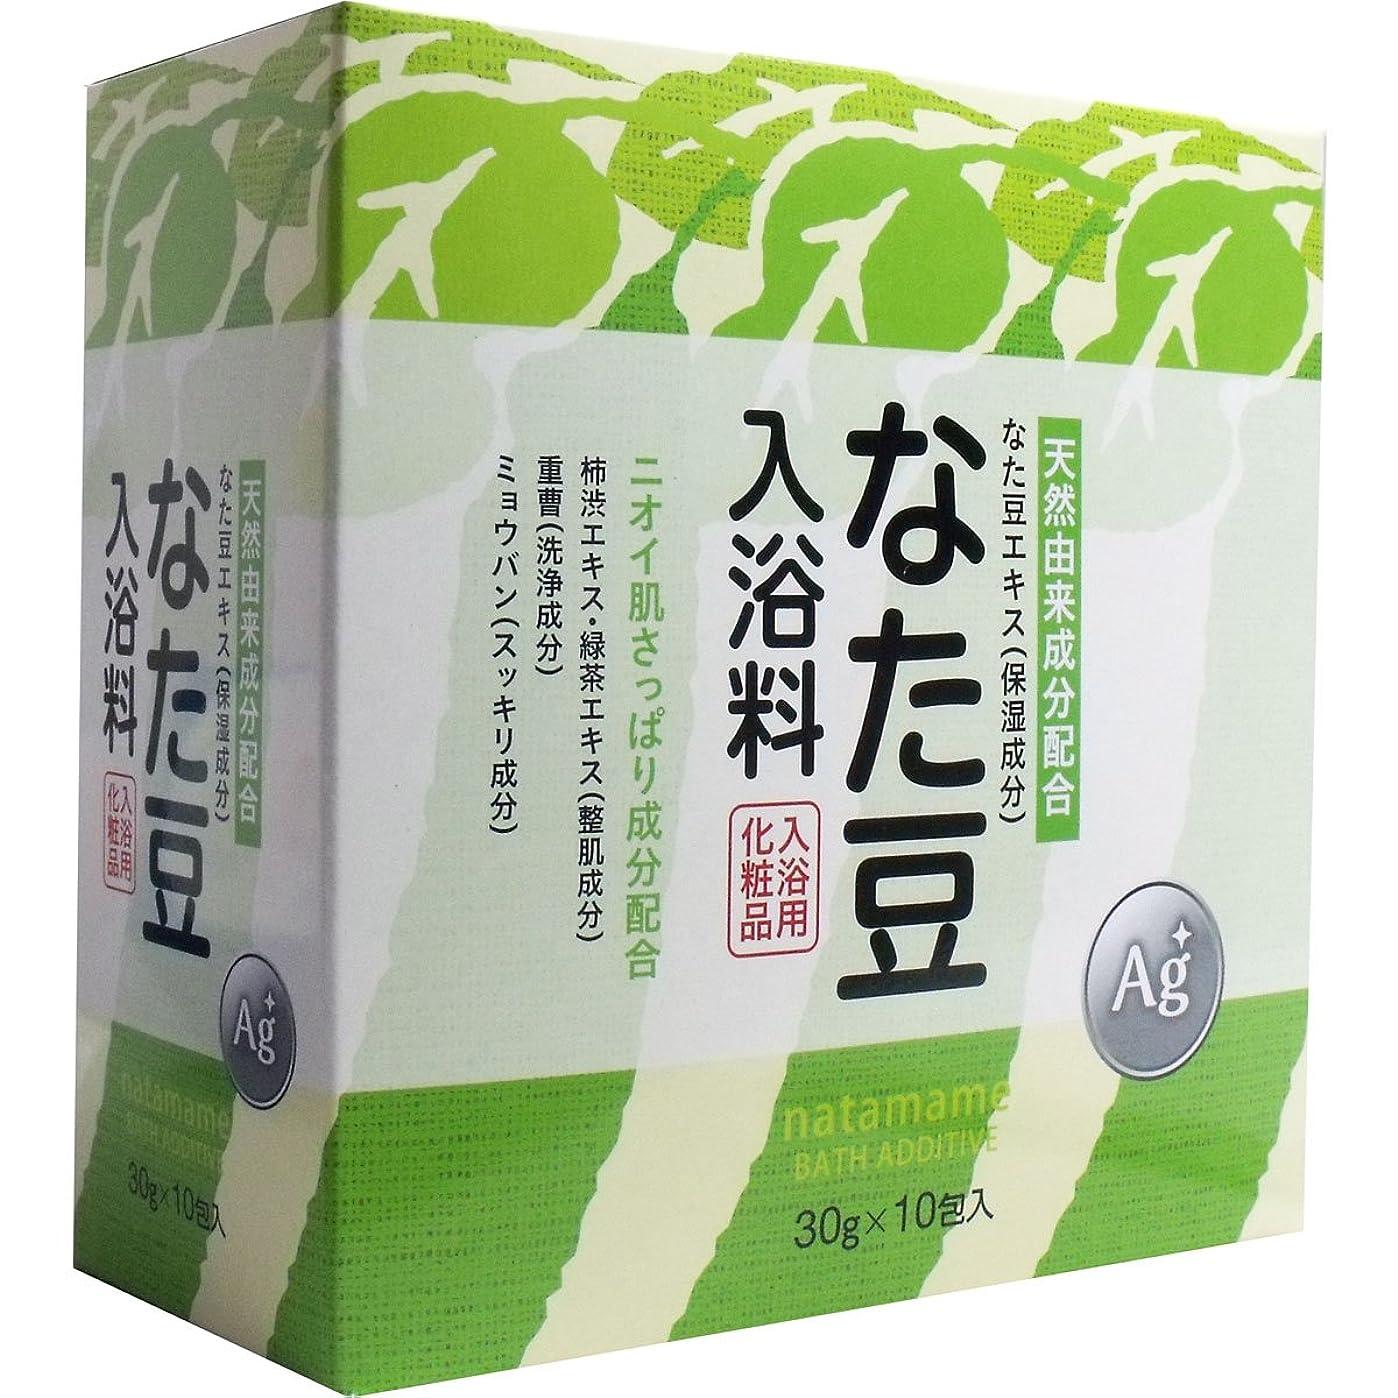 計画的三角形スロープなた豆入浴料 入浴用化粧品 30g×10包入×6